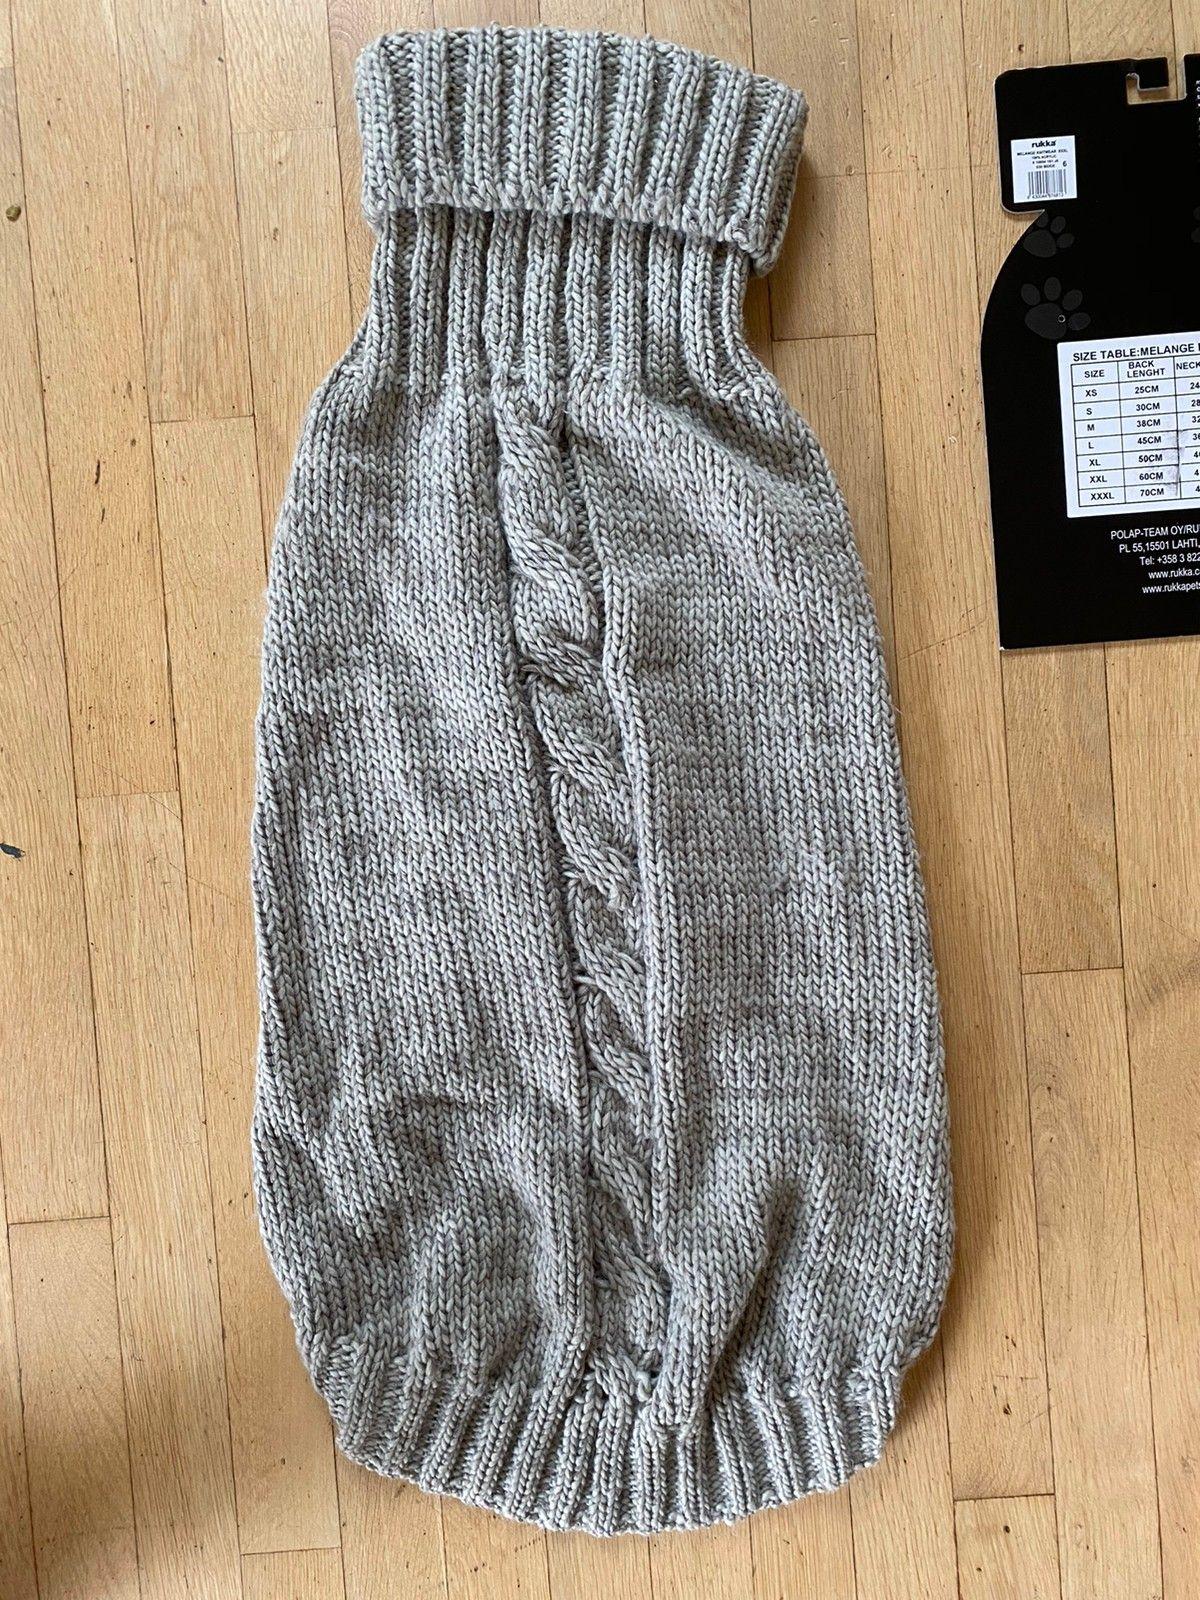 strikke oppskrift hunde genser staff